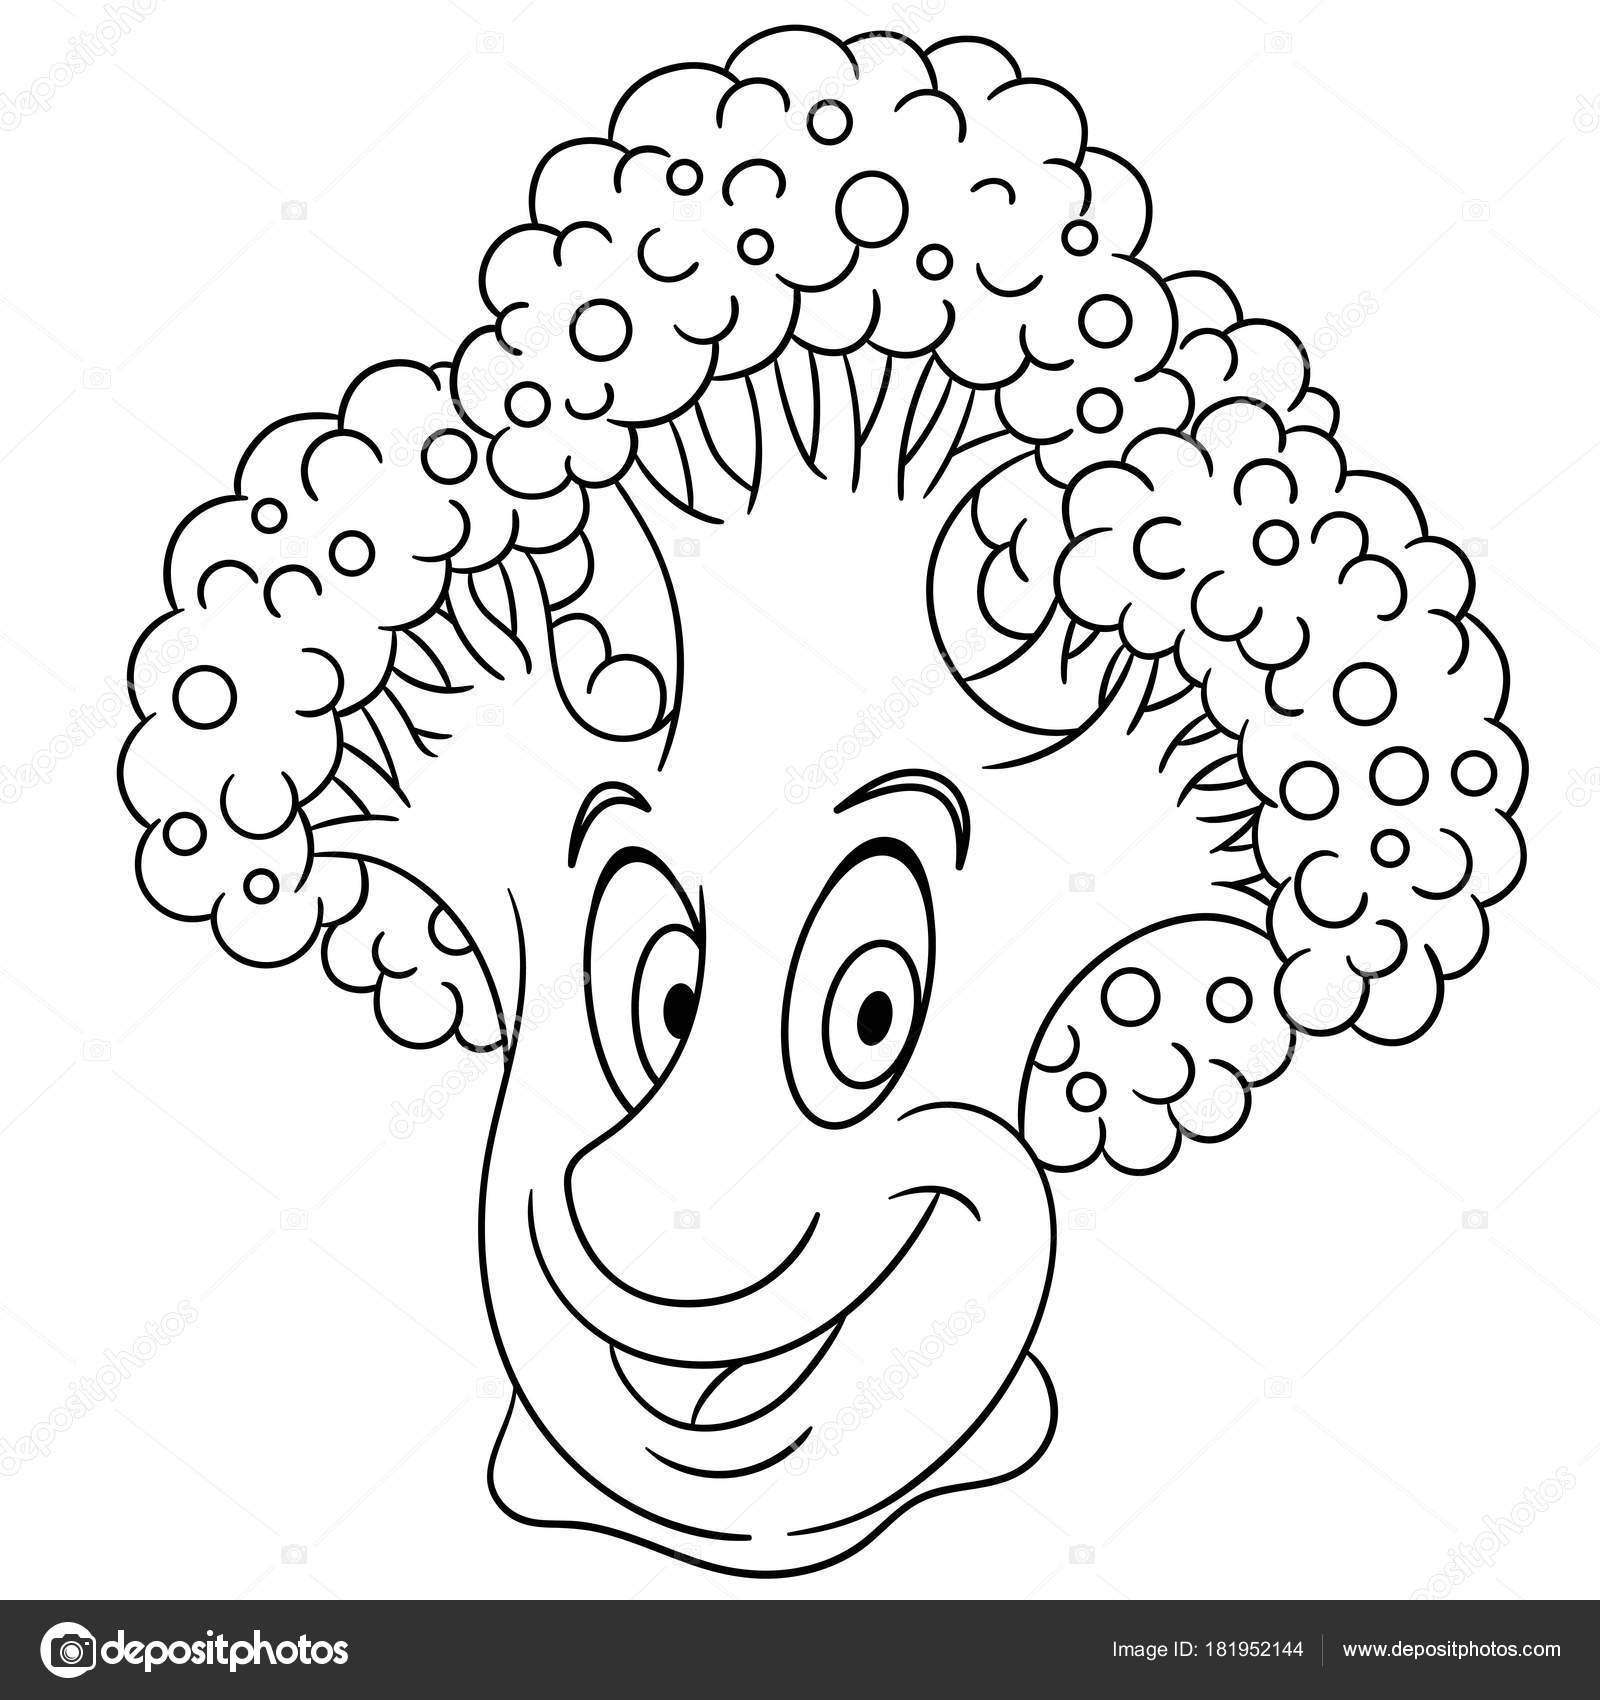 Malvorlagen Cartoon Brokkoli Fröhlichen Gemüse Charakter Symbol Für ...